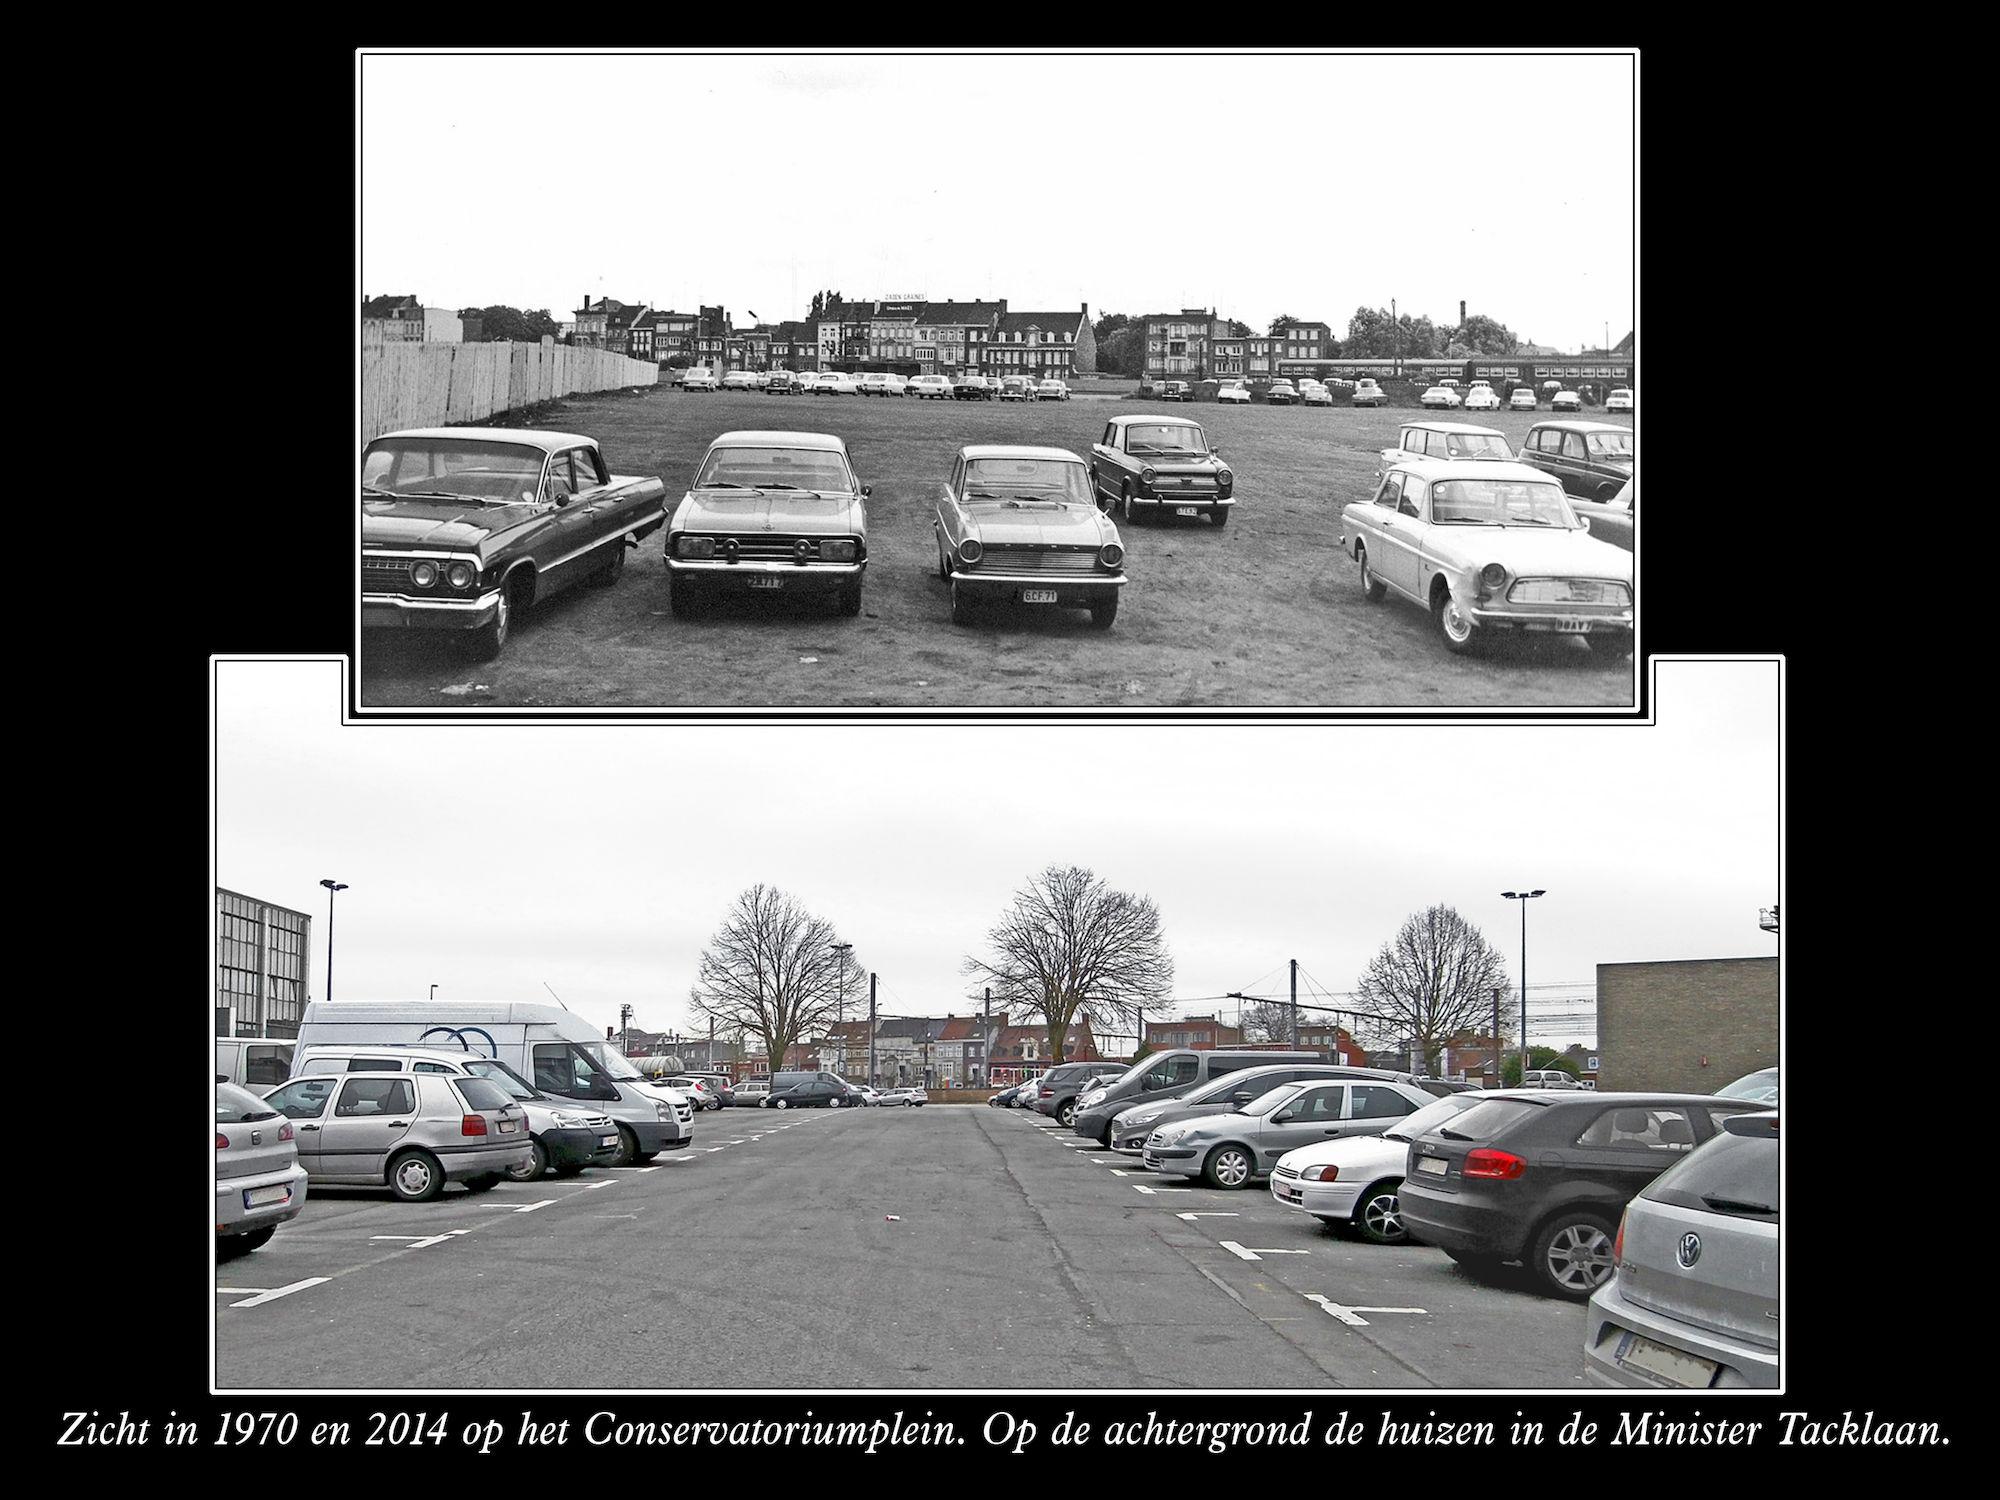 Conservatoriumplein 1970 en 2014